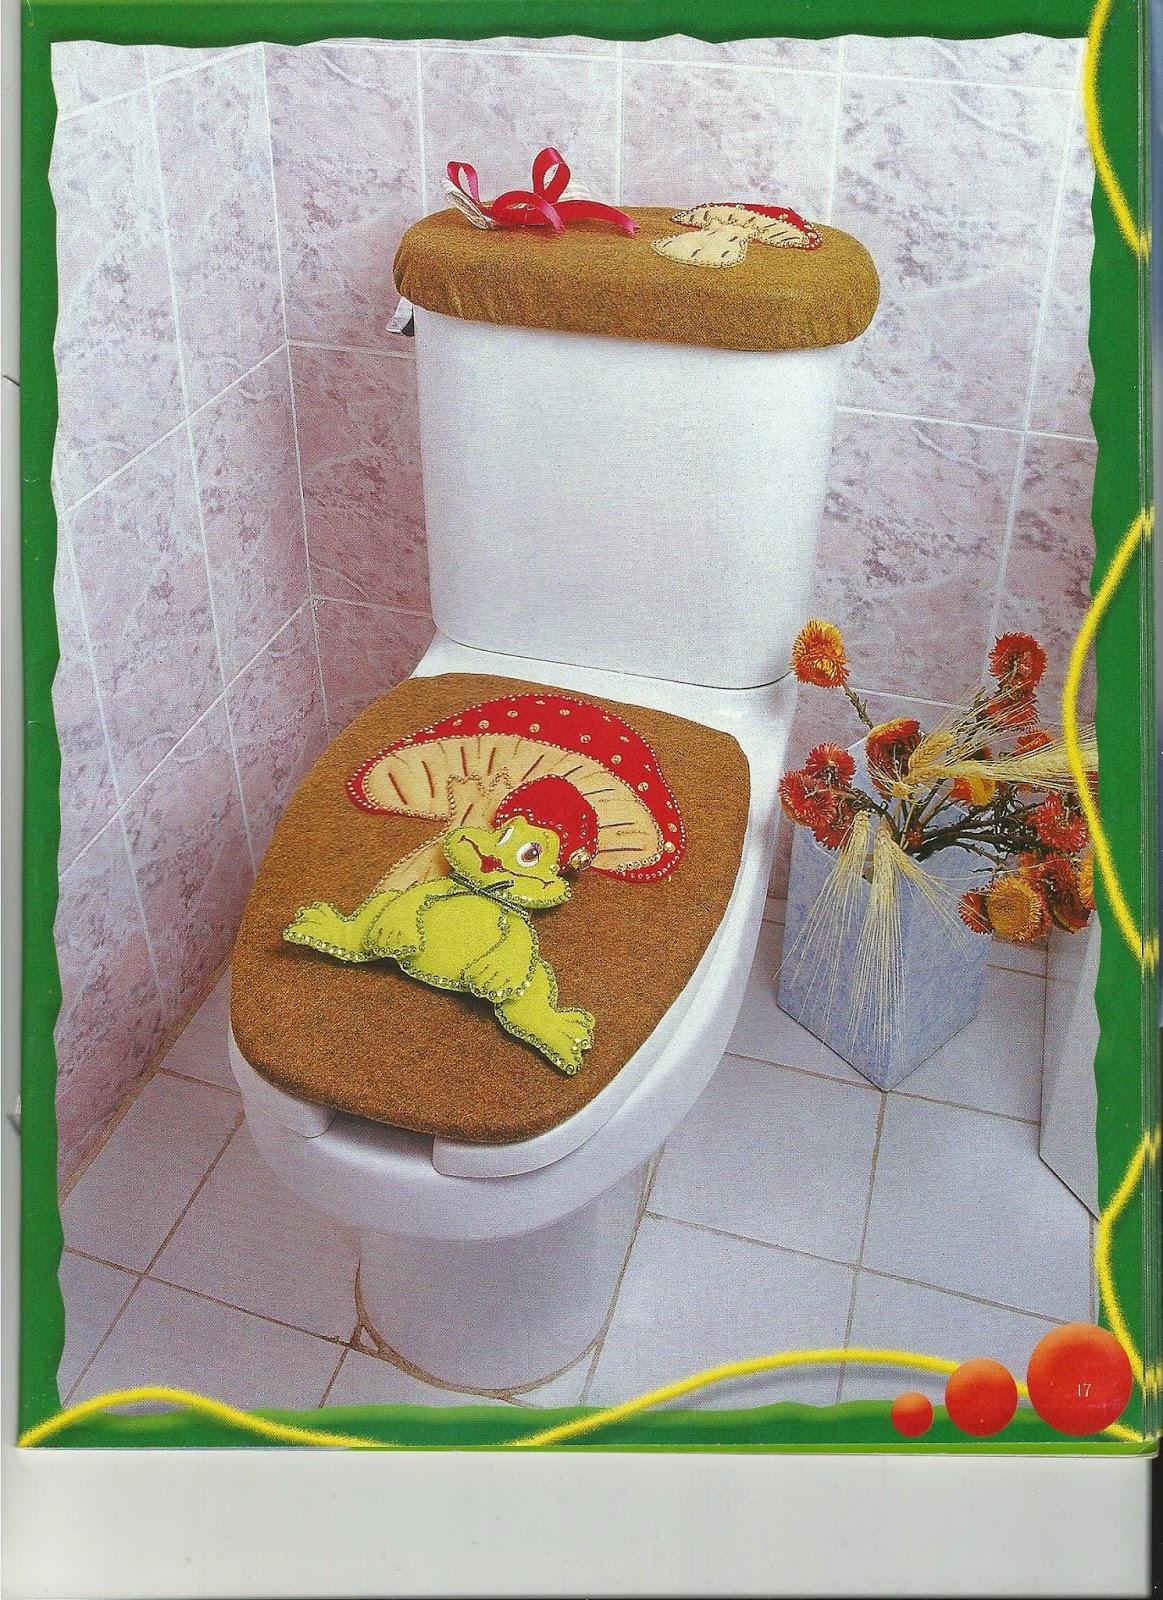 Juegos De Baño Kitty:UN GATO DE TRAPO: ♥ JUEGO DE BAÑO RANITA CON HONGO ♥